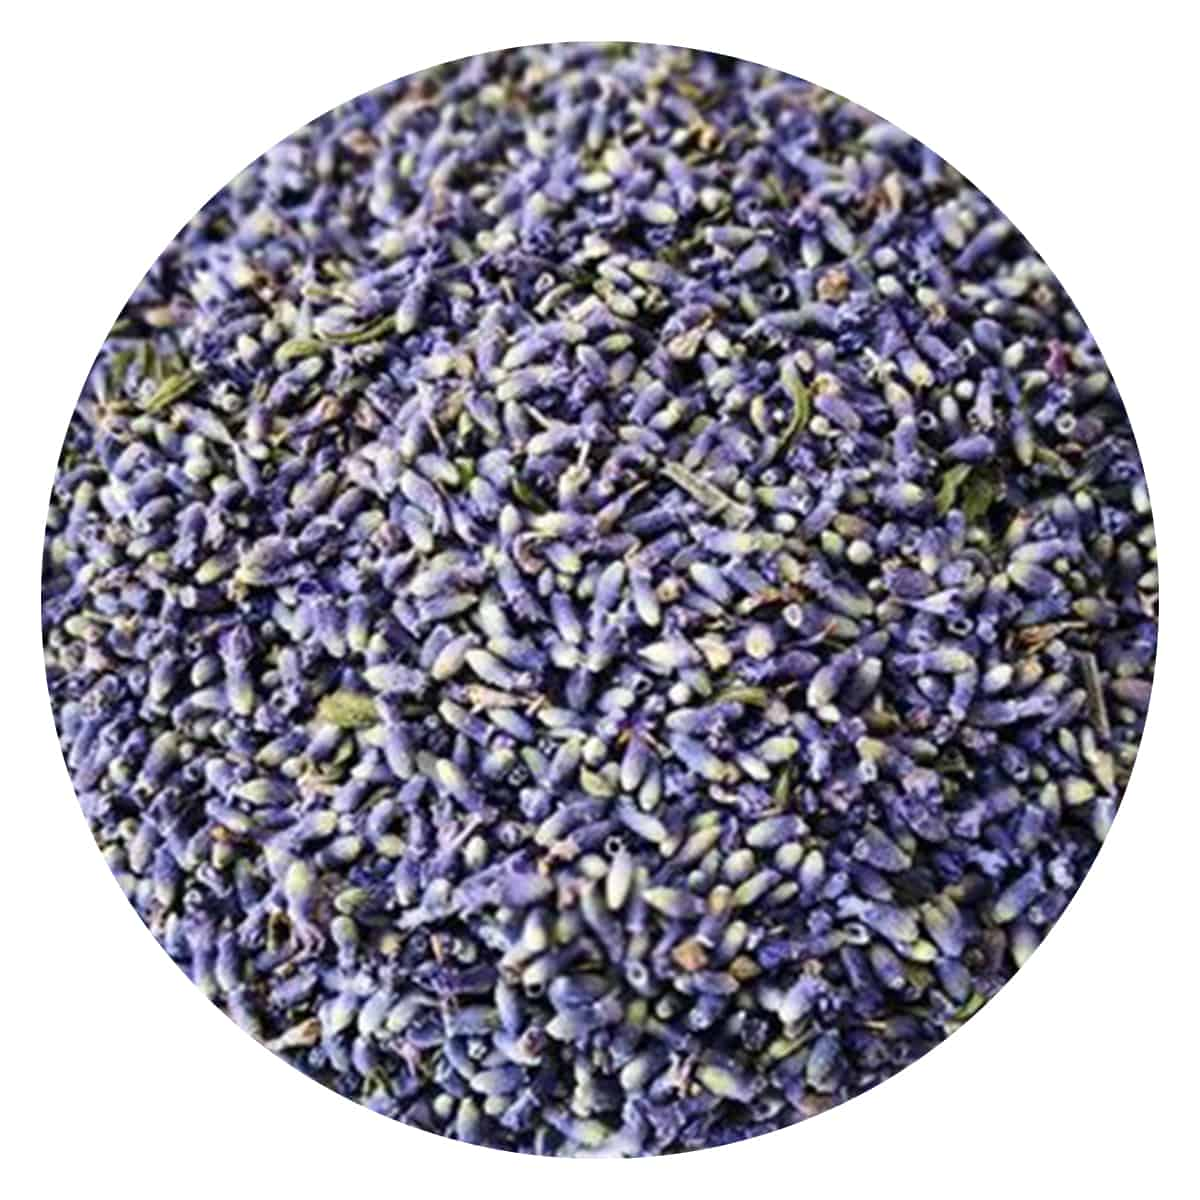 Buy IAG Foods Dried Lavender Flowers - 1 kg